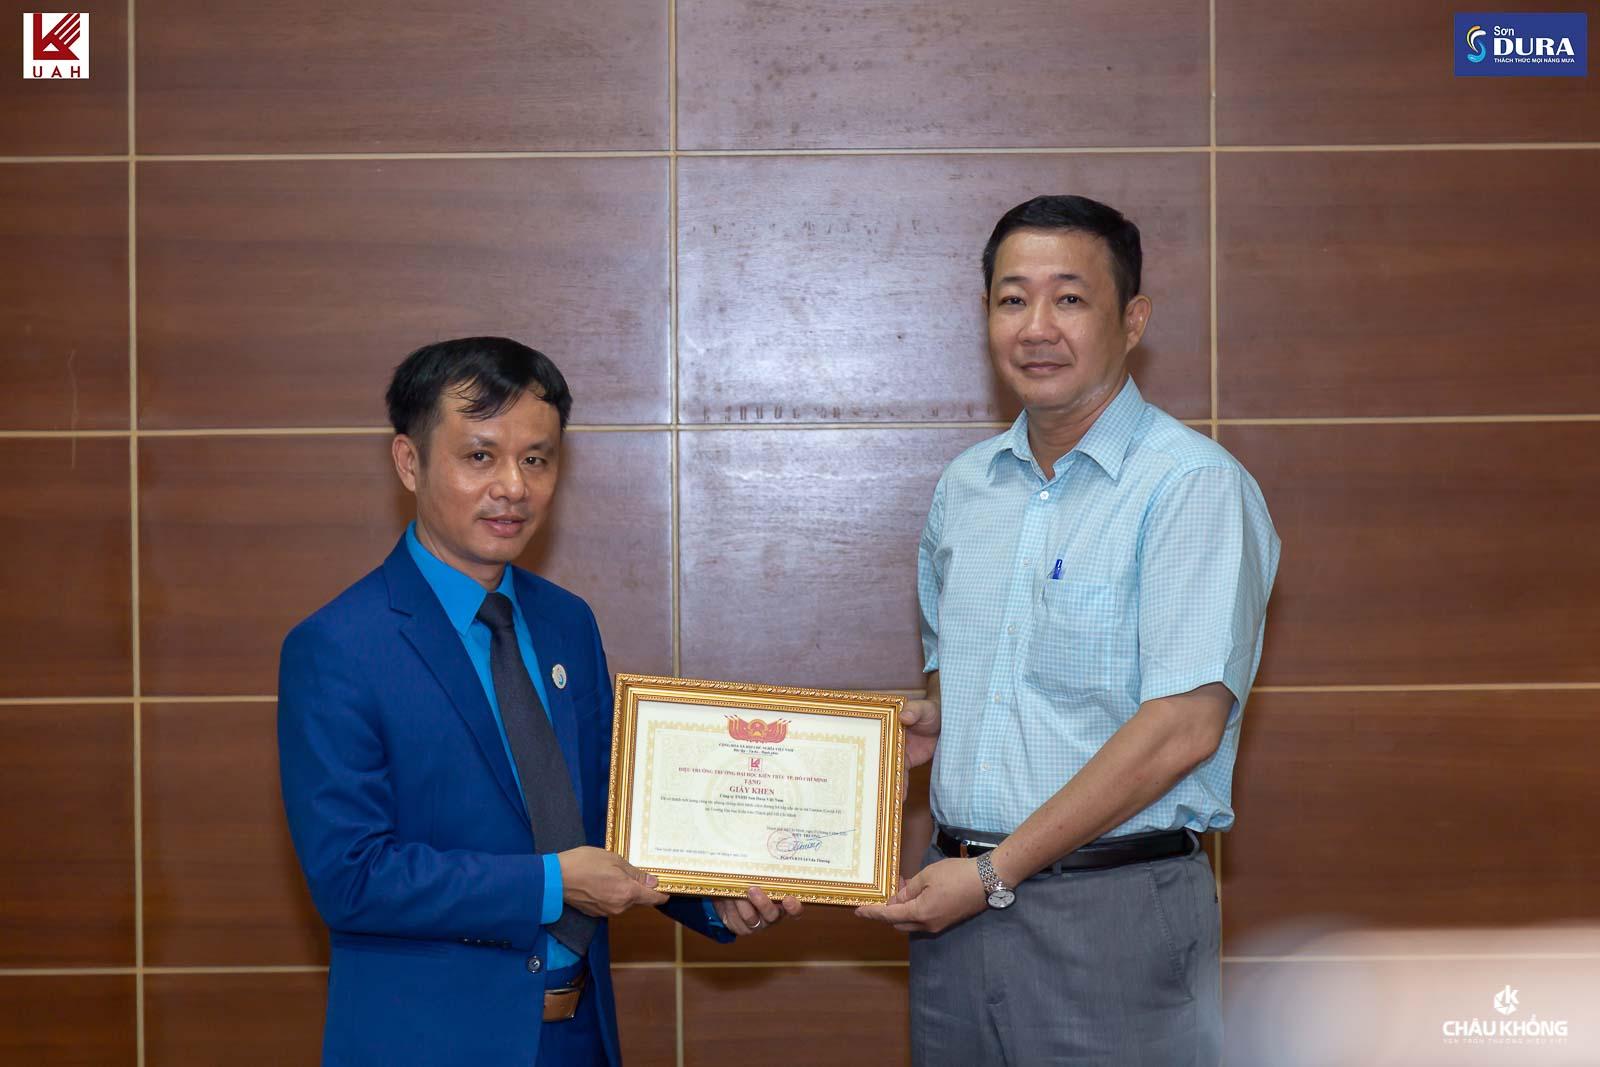 Thầy Ts. Nguyễn Hoàng Minh Vũ – Phó hiệu trưởng trường Đại học Kiến Trúc (phải) Ông Phan Anh Tuấn – Tổng giám đốc Công ty Sơn DURA (trái)